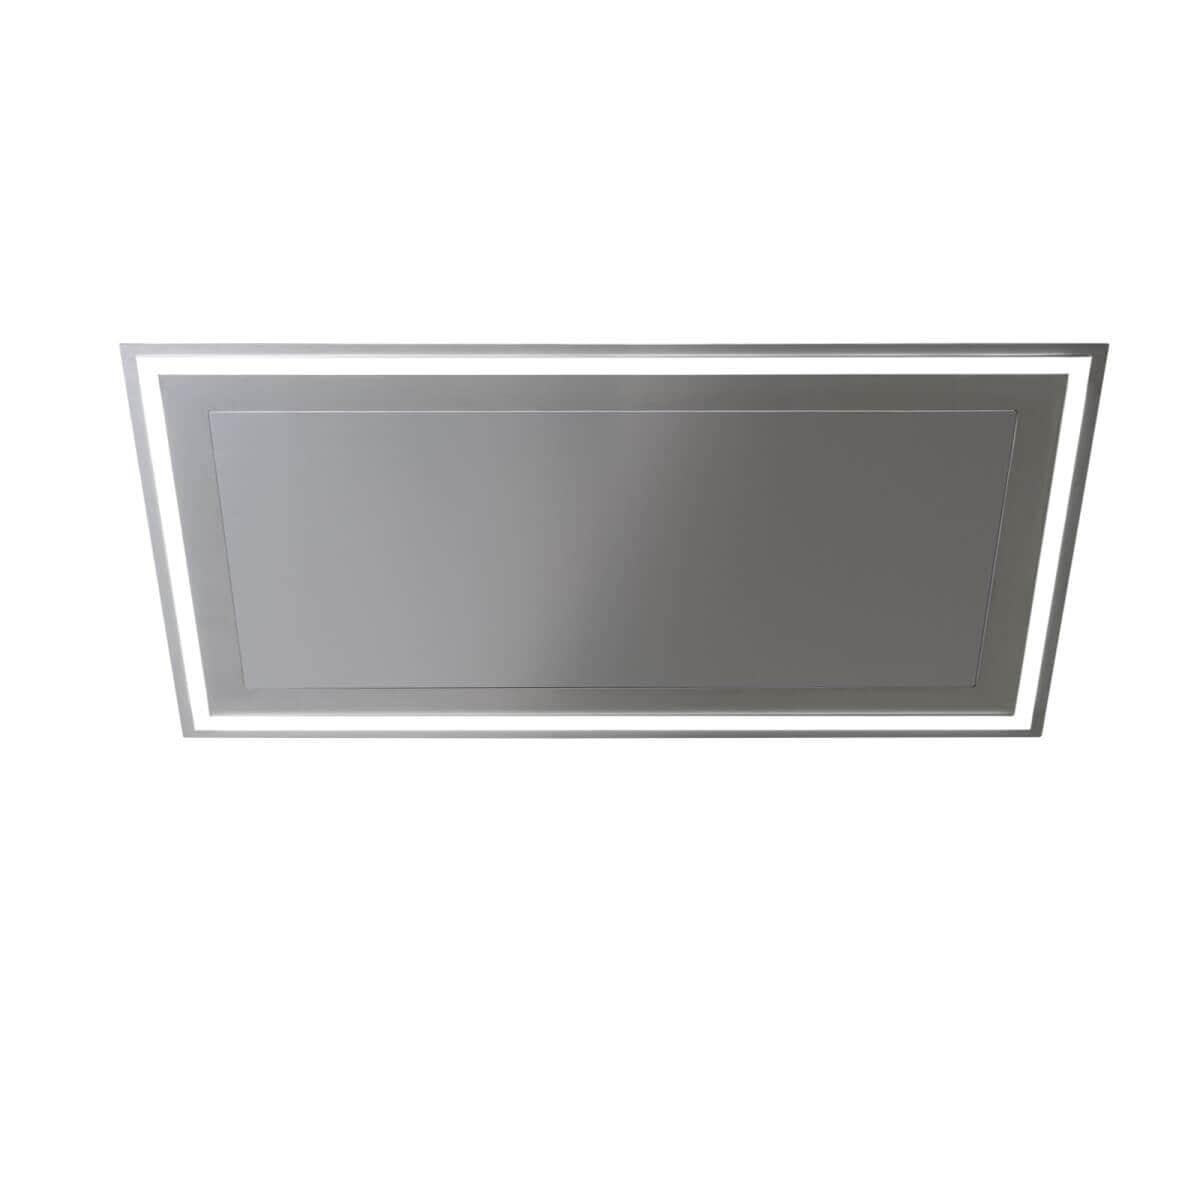 Produktbild på takintegrerade köksfläkten Atrium i rostfritt utförande från Fjäråskupan.